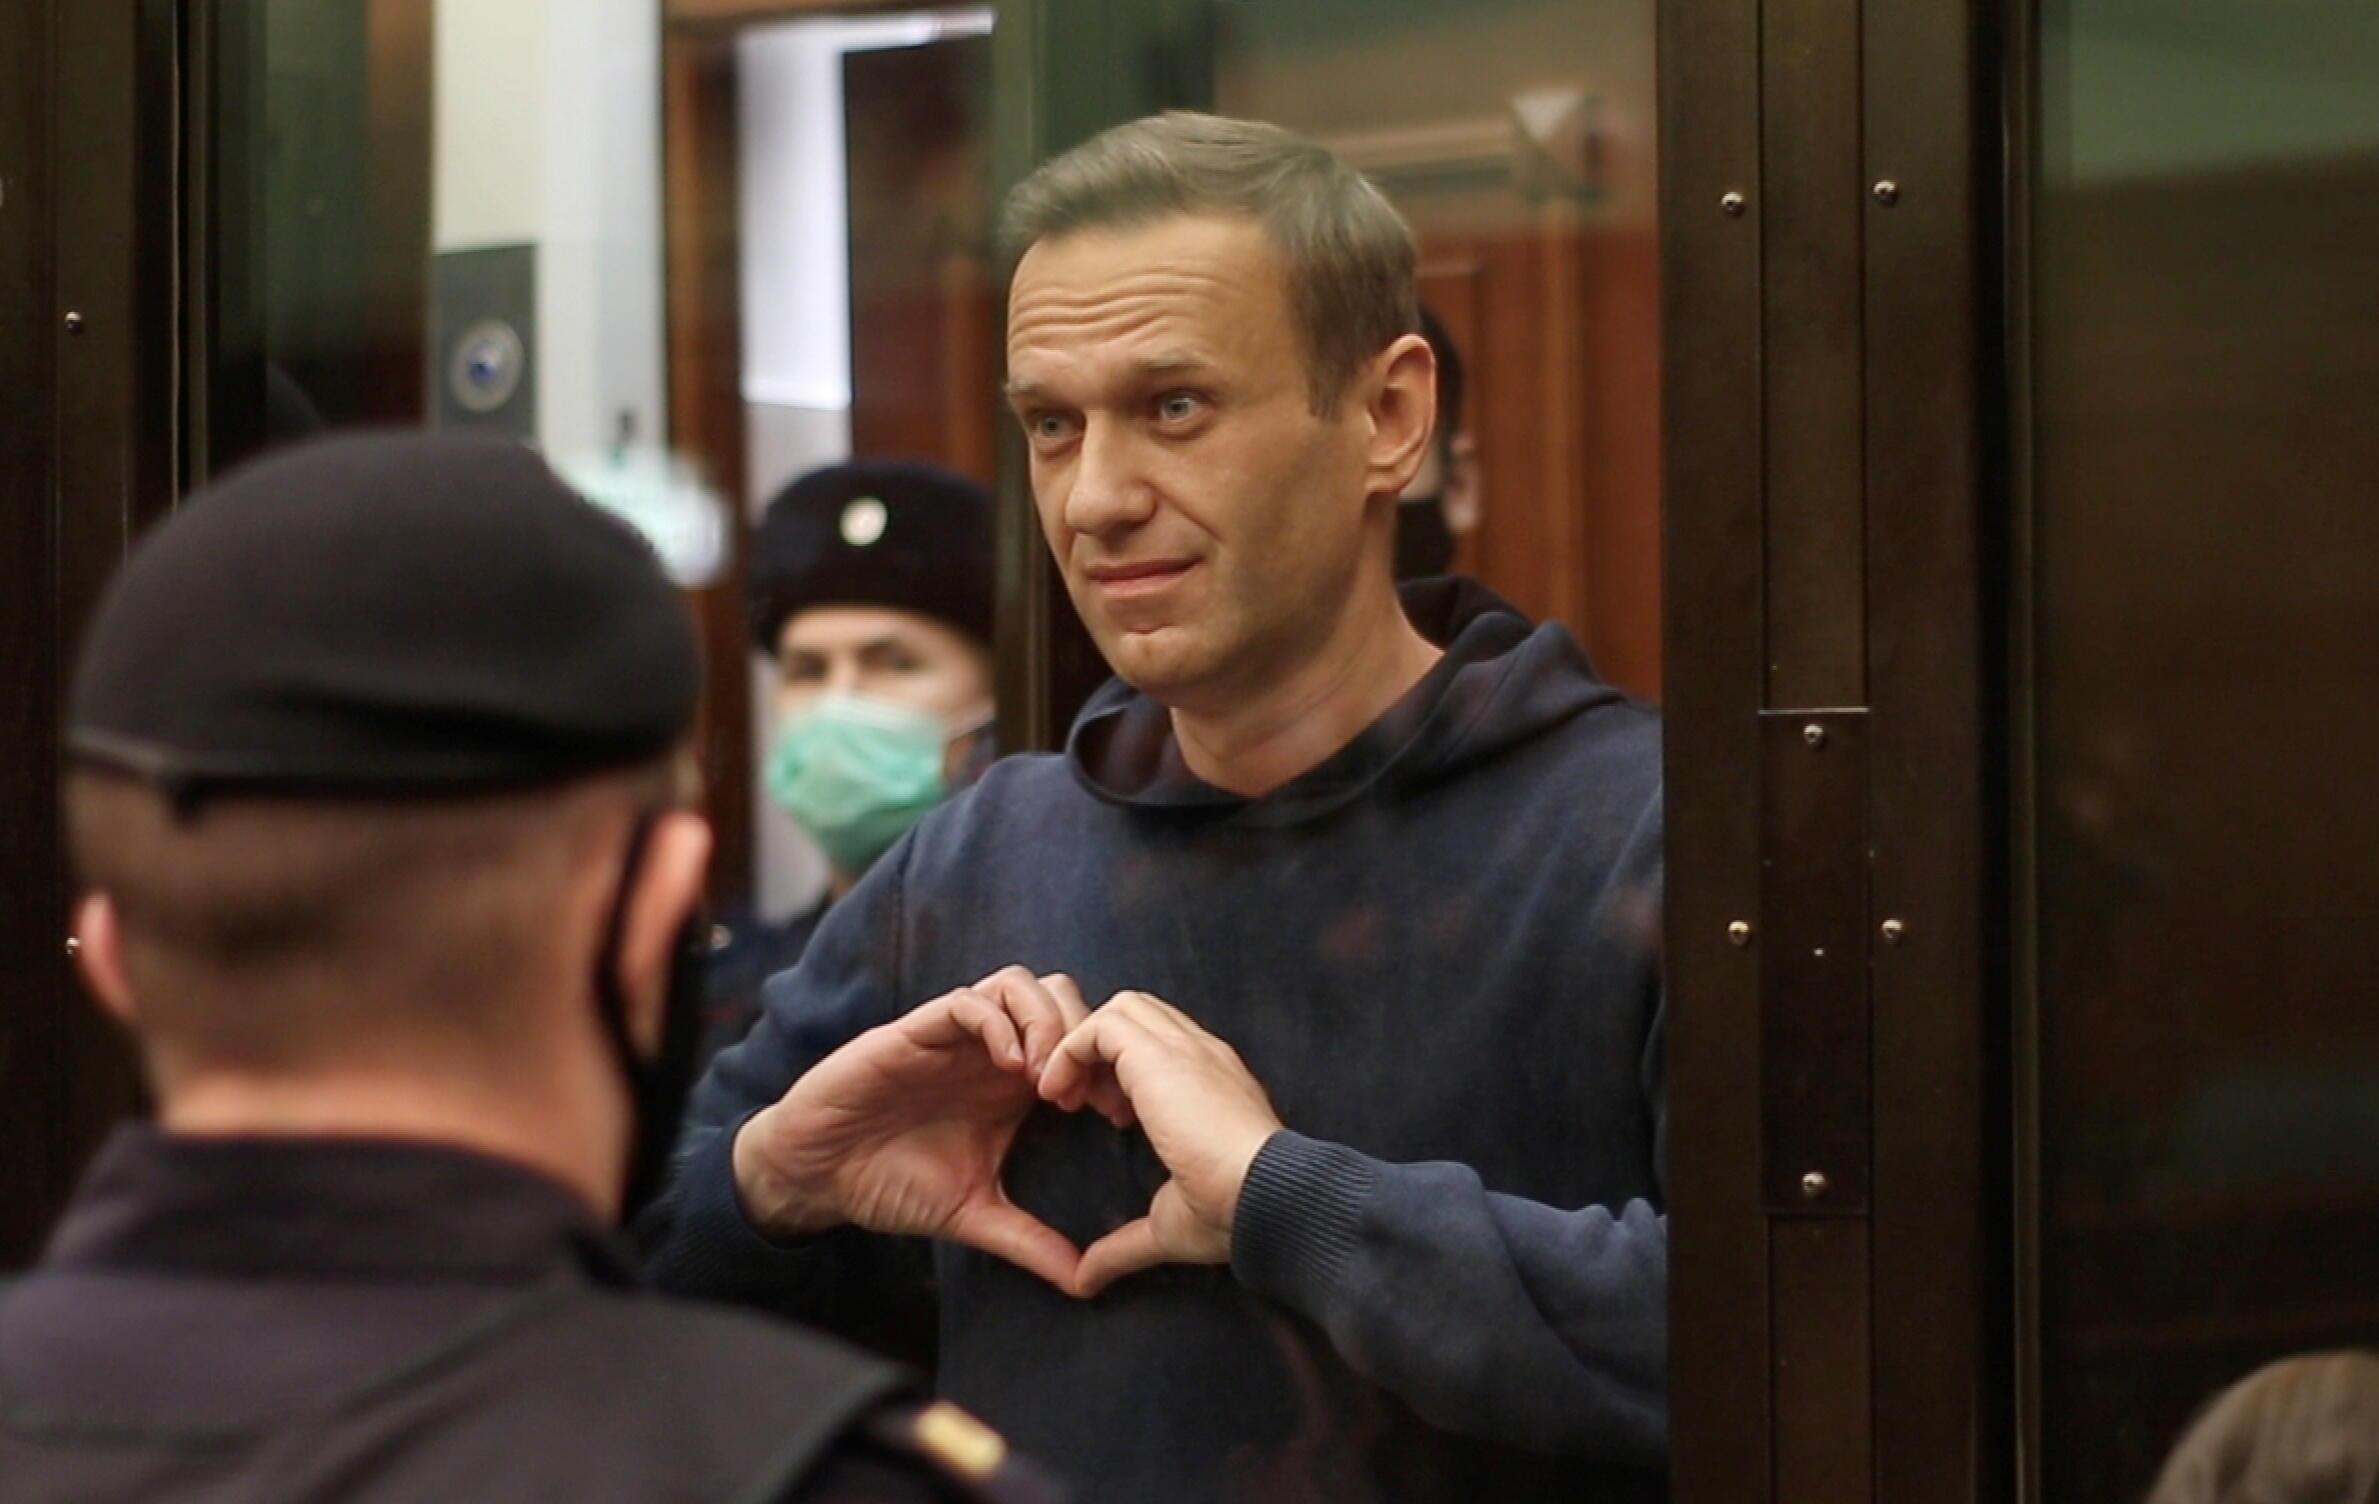 Алексей Навальный перед оглашением приговора по делу «Ив Роше» в Мосгорсуде, 2 февраля 2021 года.